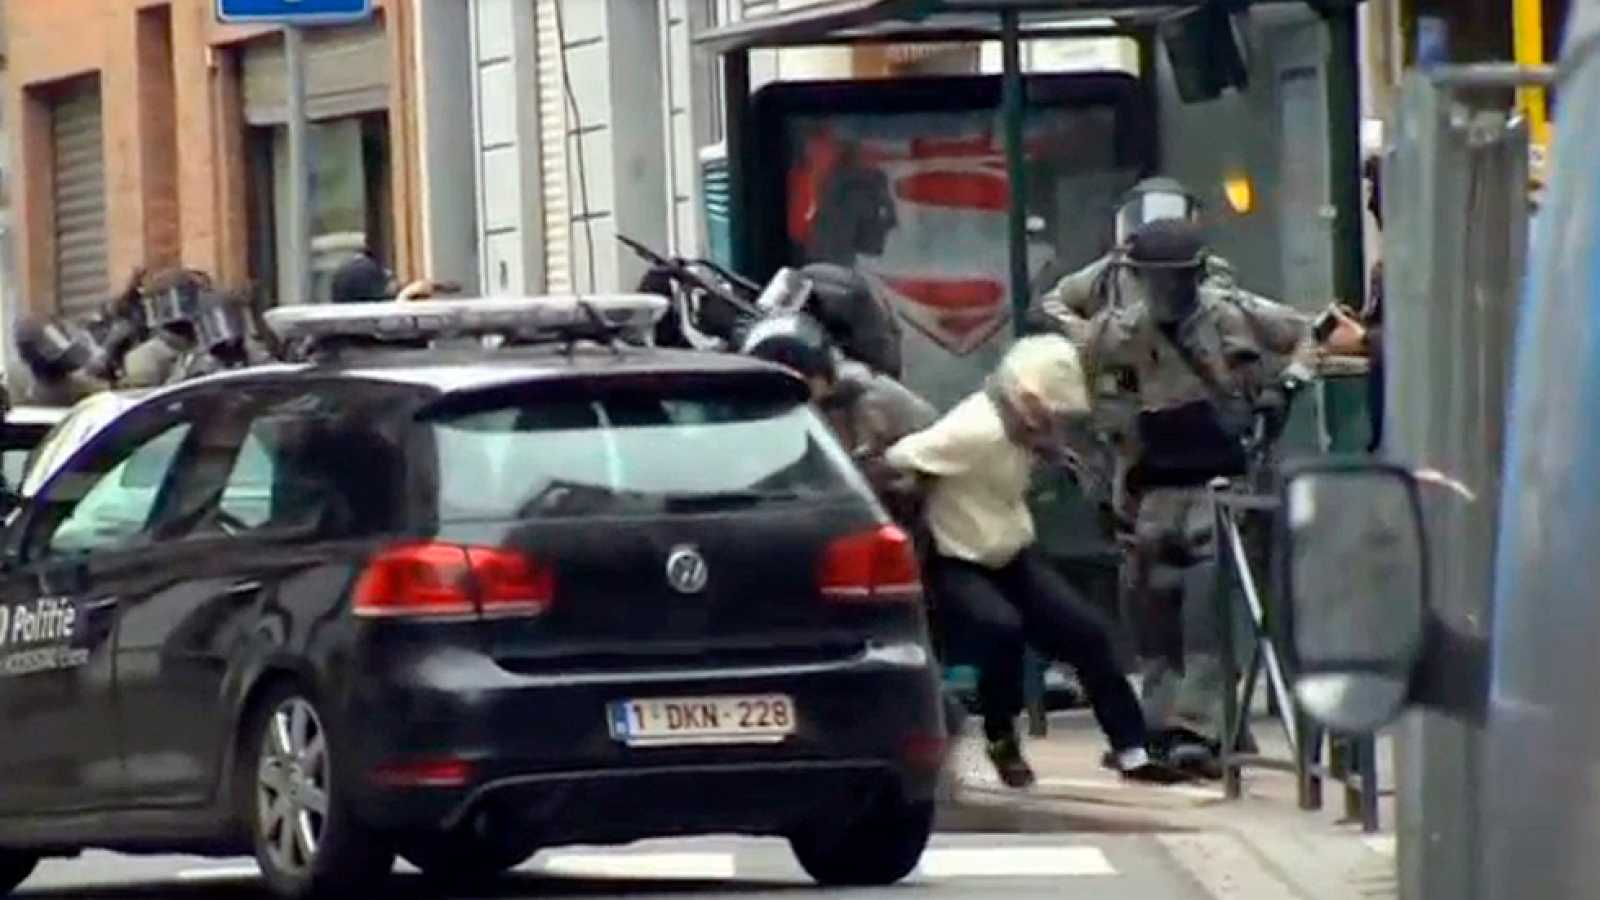 El terrorista Salah Abdeslam, herido y detenido en Bruselas tras una macrooperación policial